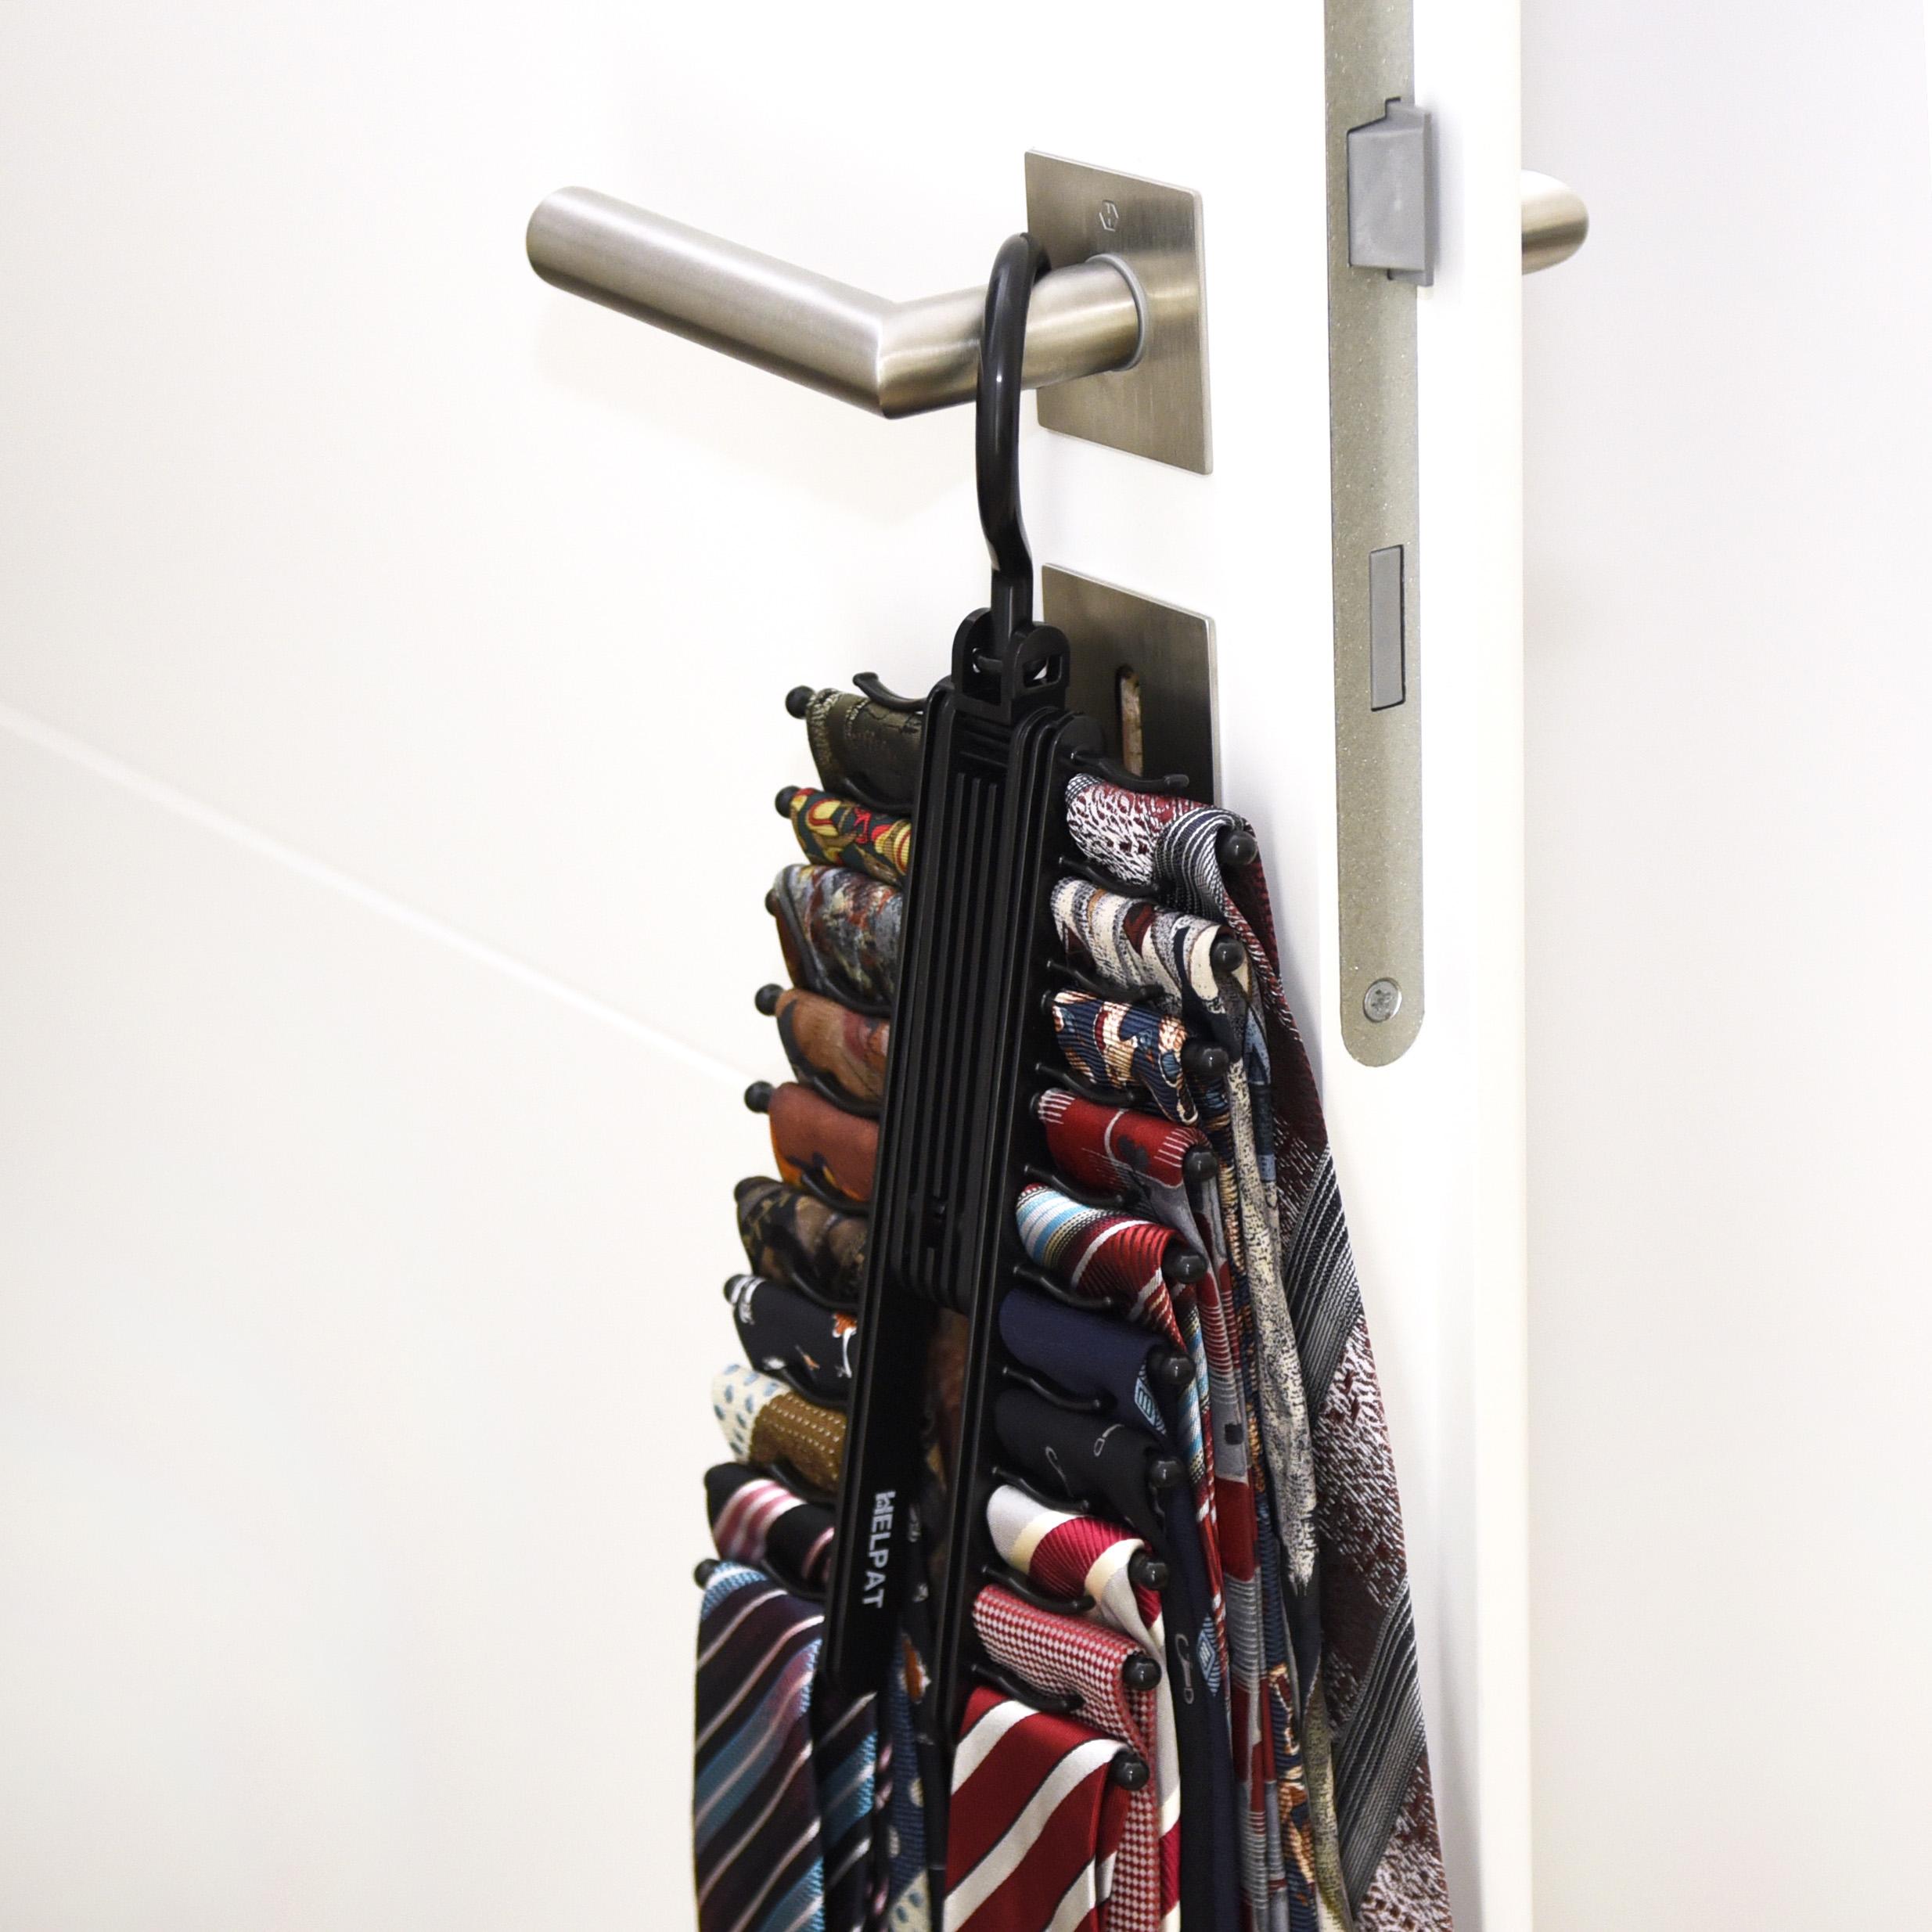 helpat premium krawattenhalter f r bis zu 20 krawatten. Black Bedroom Furniture Sets. Home Design Ideas